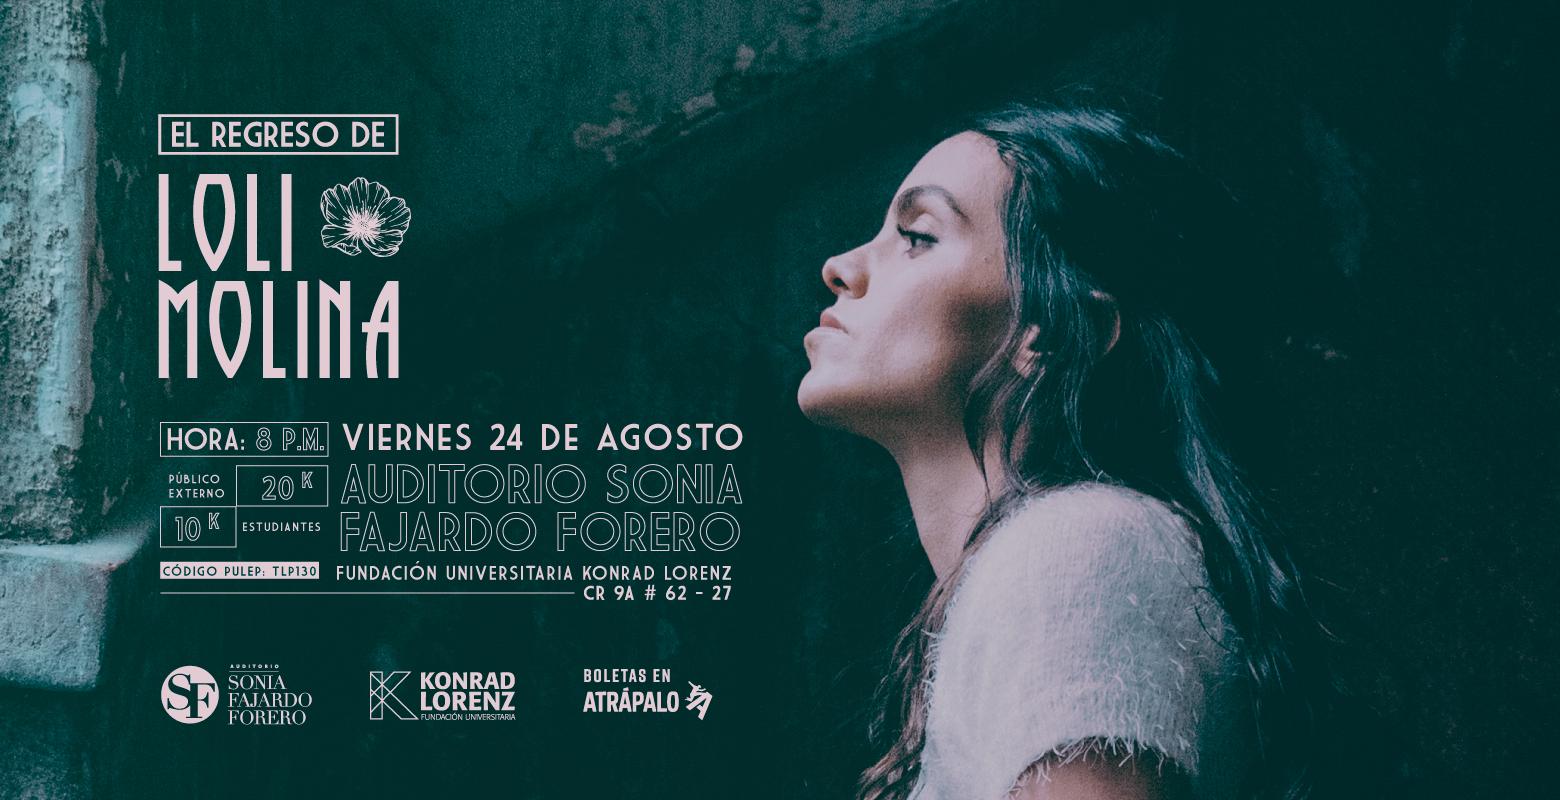 Concierto: El regreso de Loli Molina